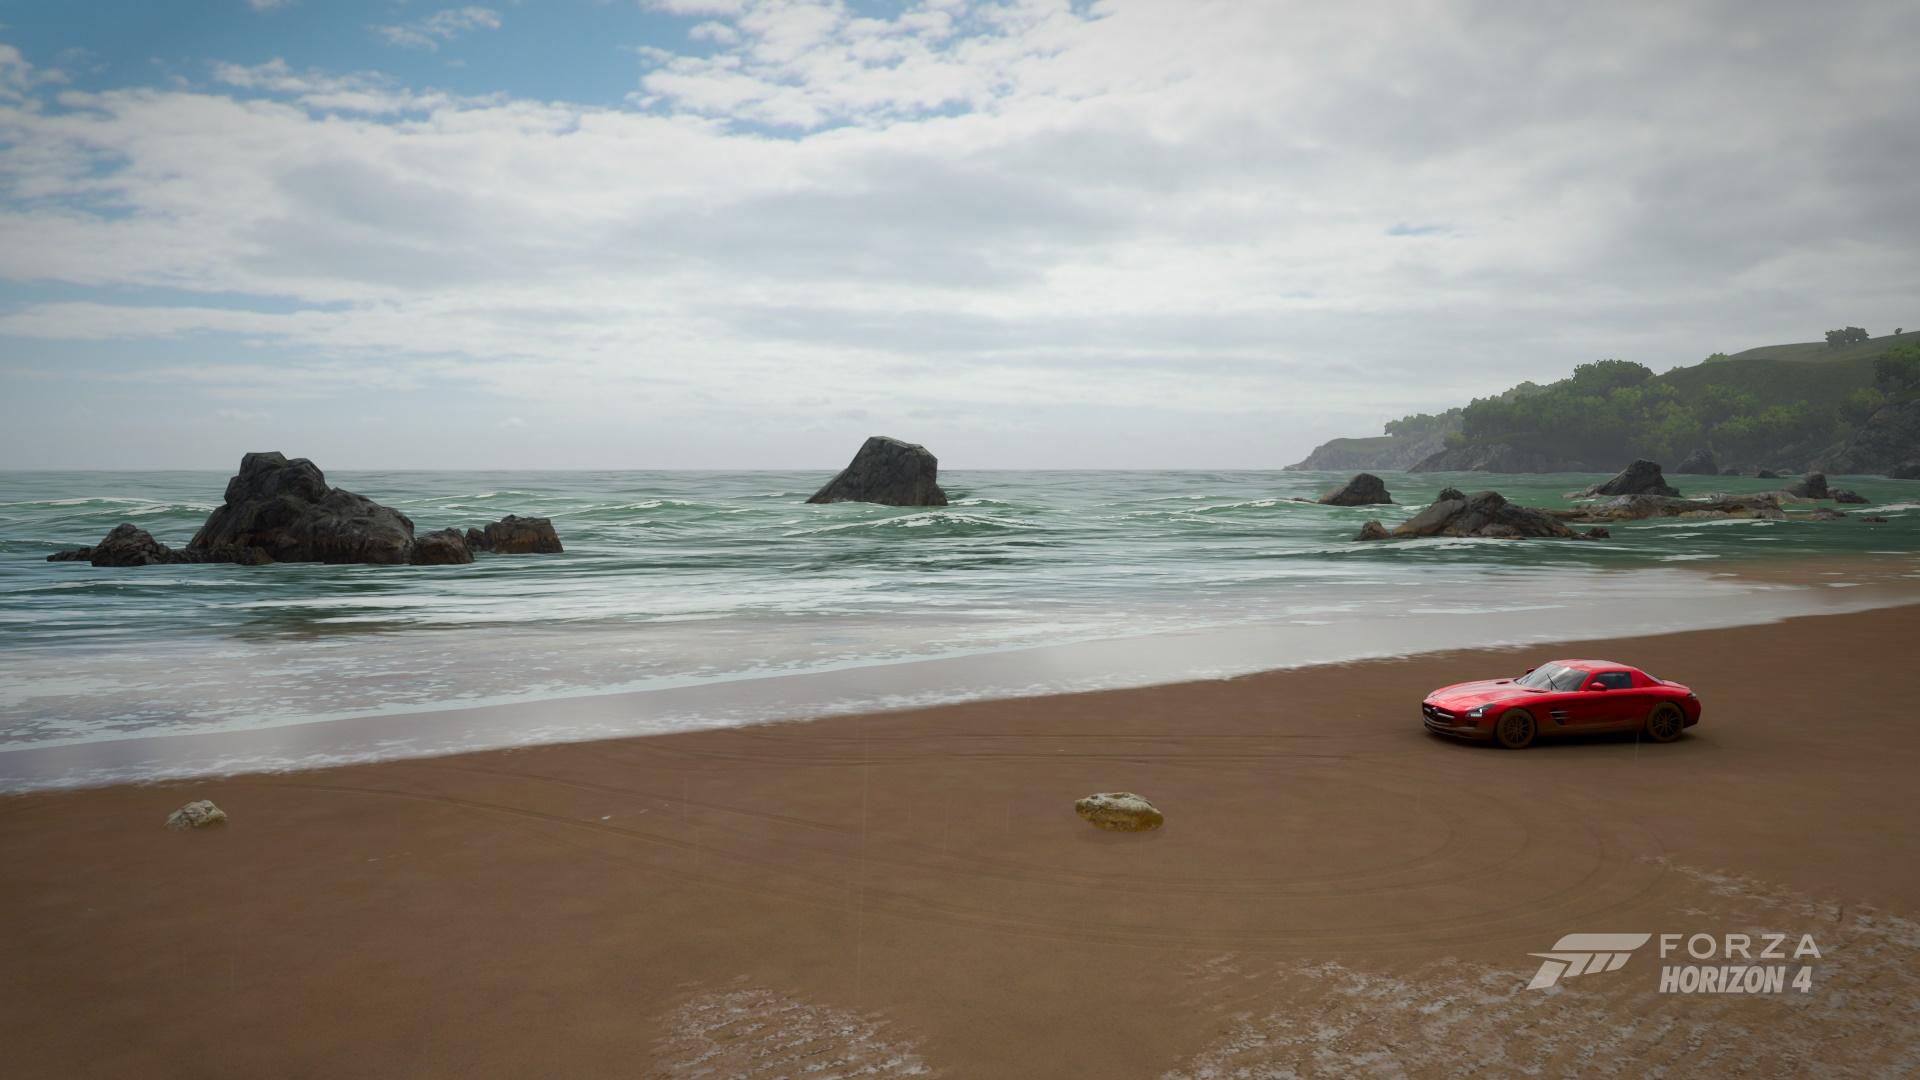 Forza Horizon 4 Forza Car England Scotland 1920x1080